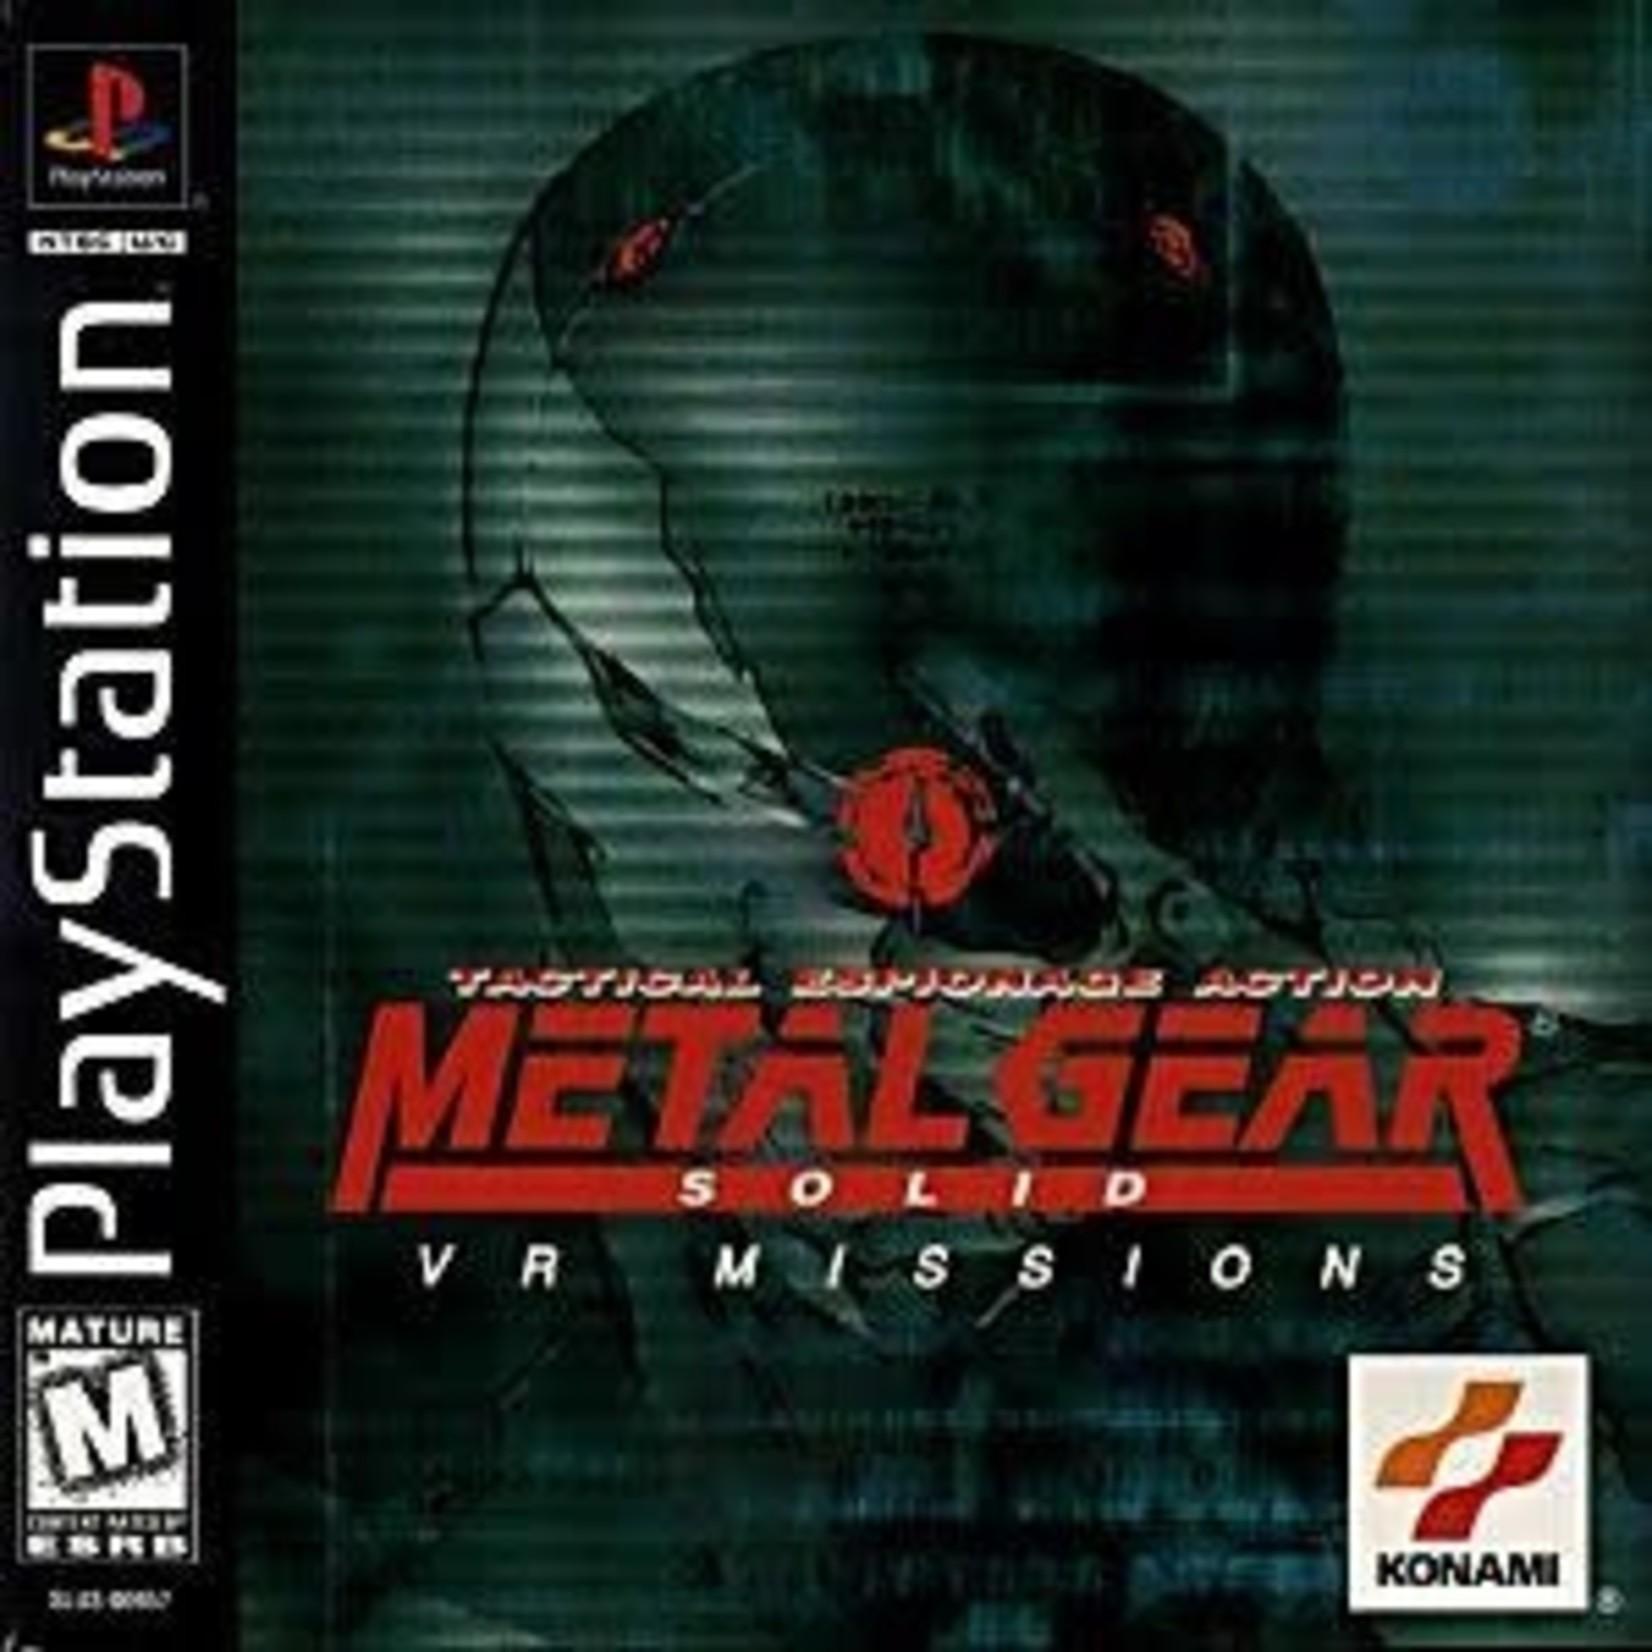 PS1U-METAL GEAR SOLID VR MISSIONS